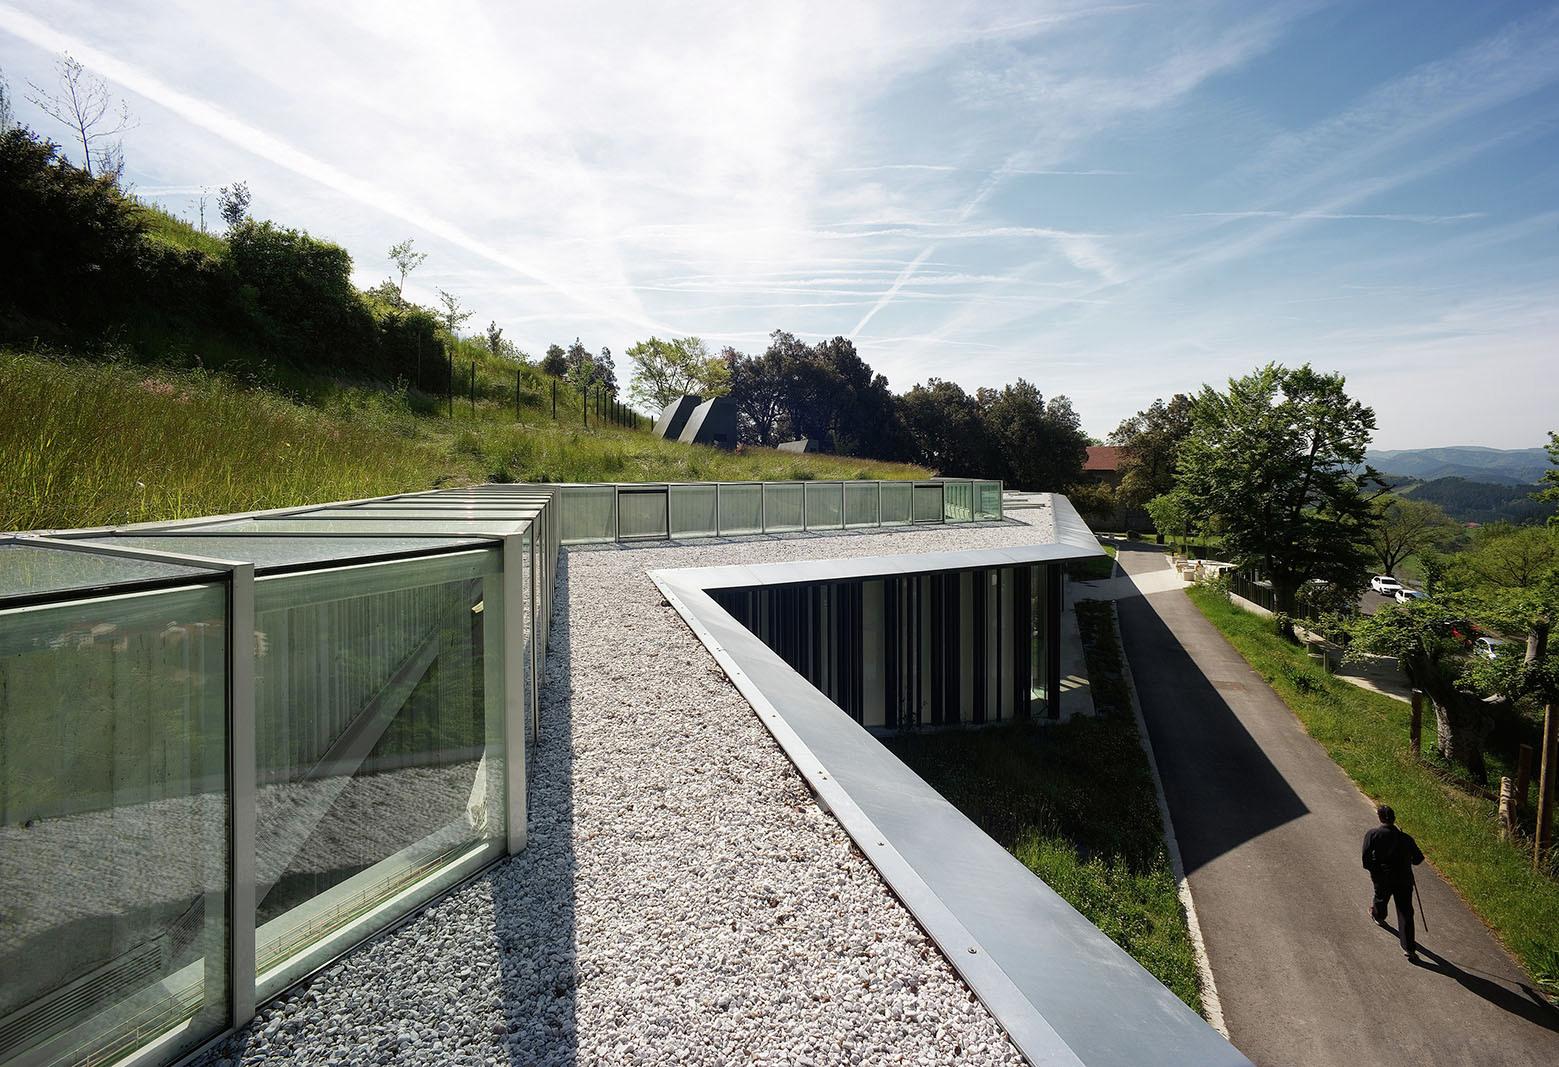 Interpretation and welcome center for visitors in la for Plataforma de arquitectura